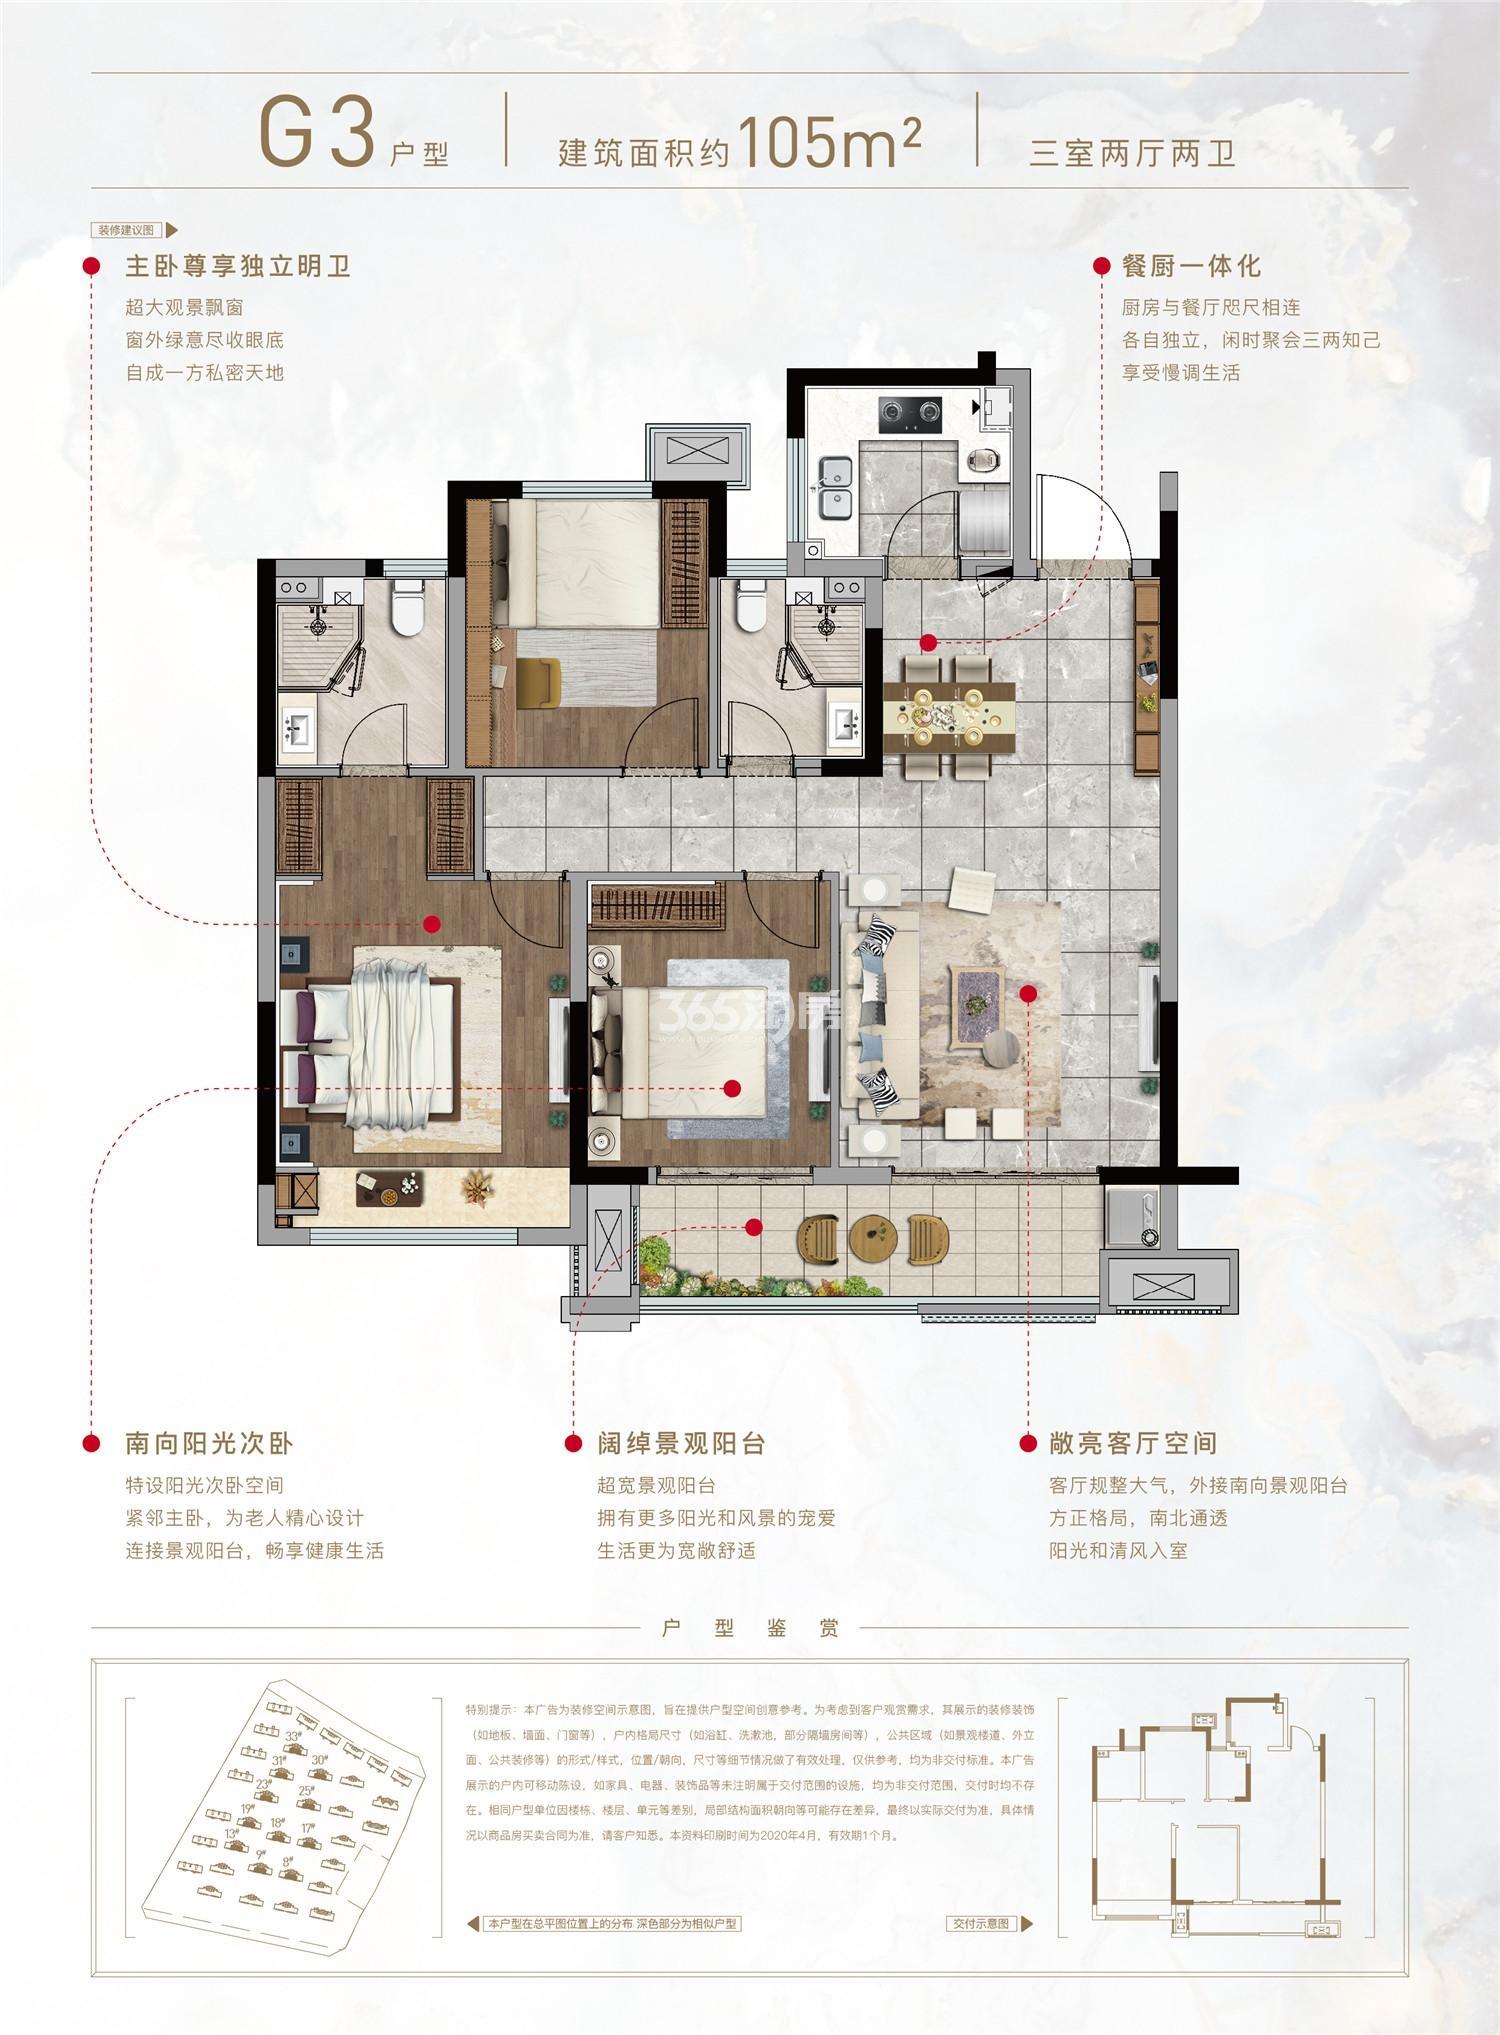 华鸿·鸿樾府G3,105㎡户型图